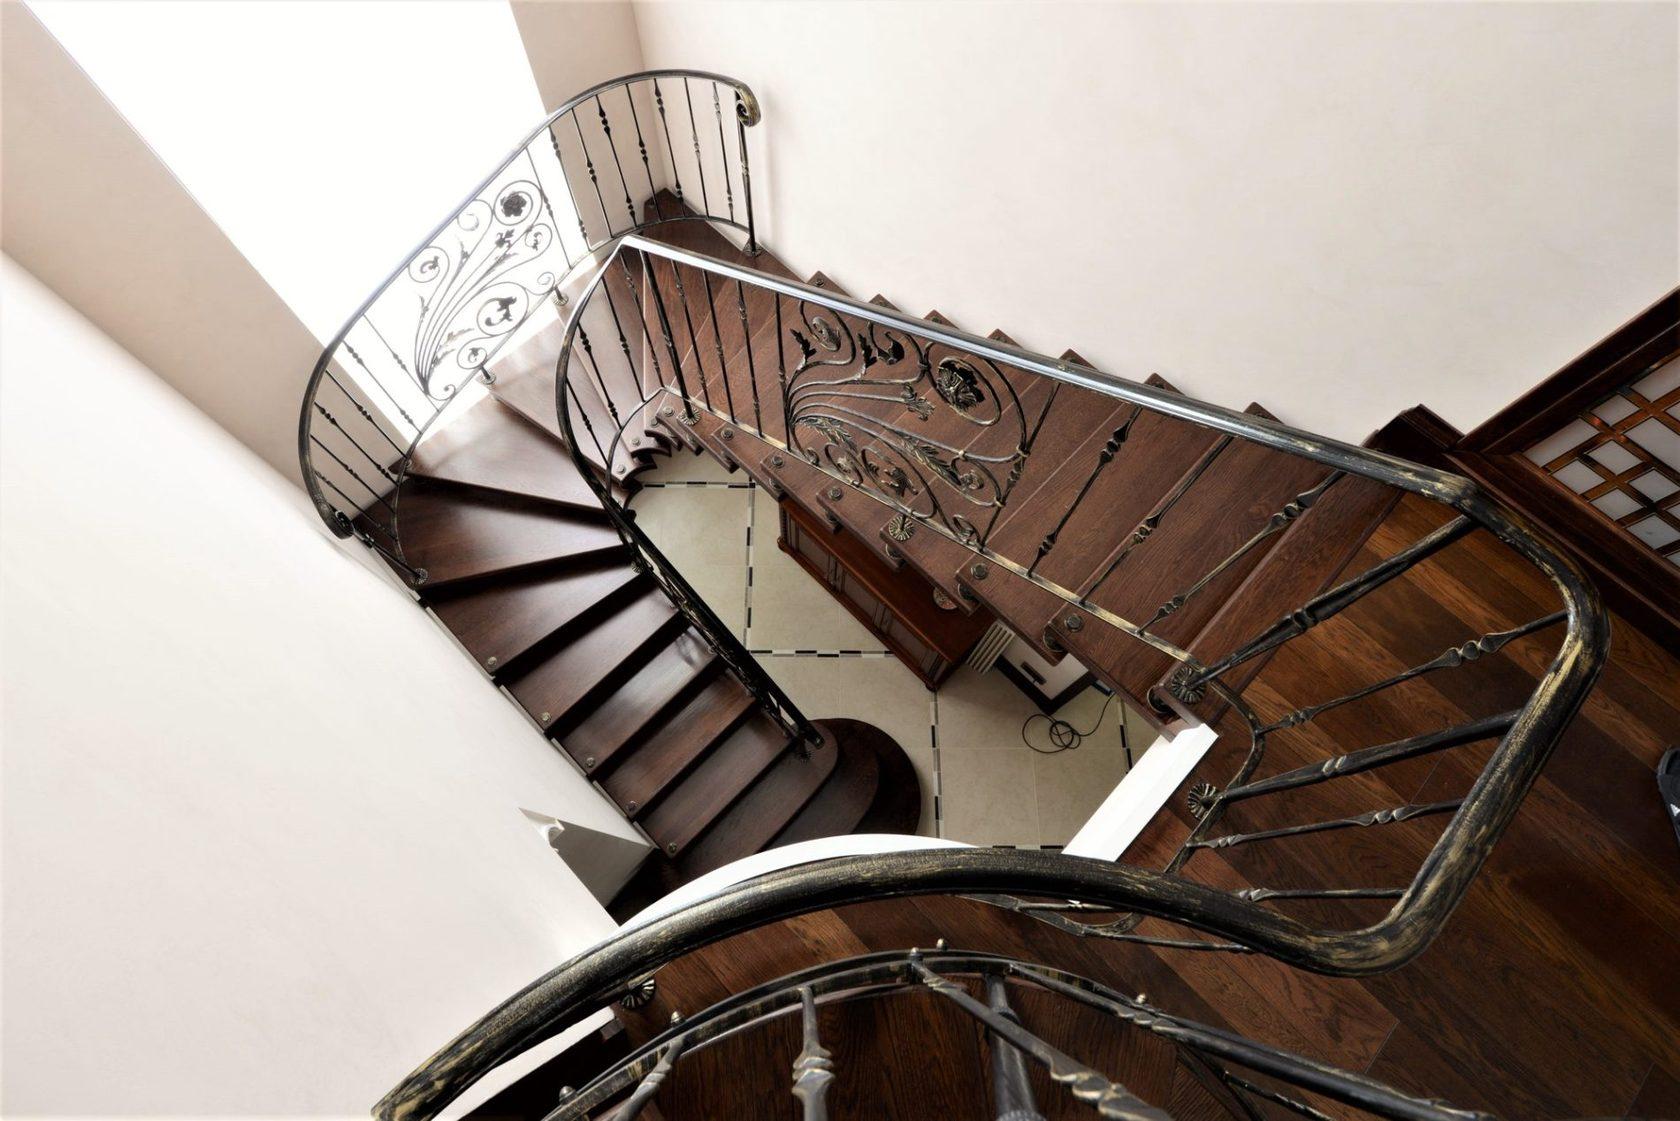 Кованые лестницы на улице: наружные, уличные и входные конструкции различных видов: на веранде и террасе, для крыльца, в бане, с козырьком или навесом